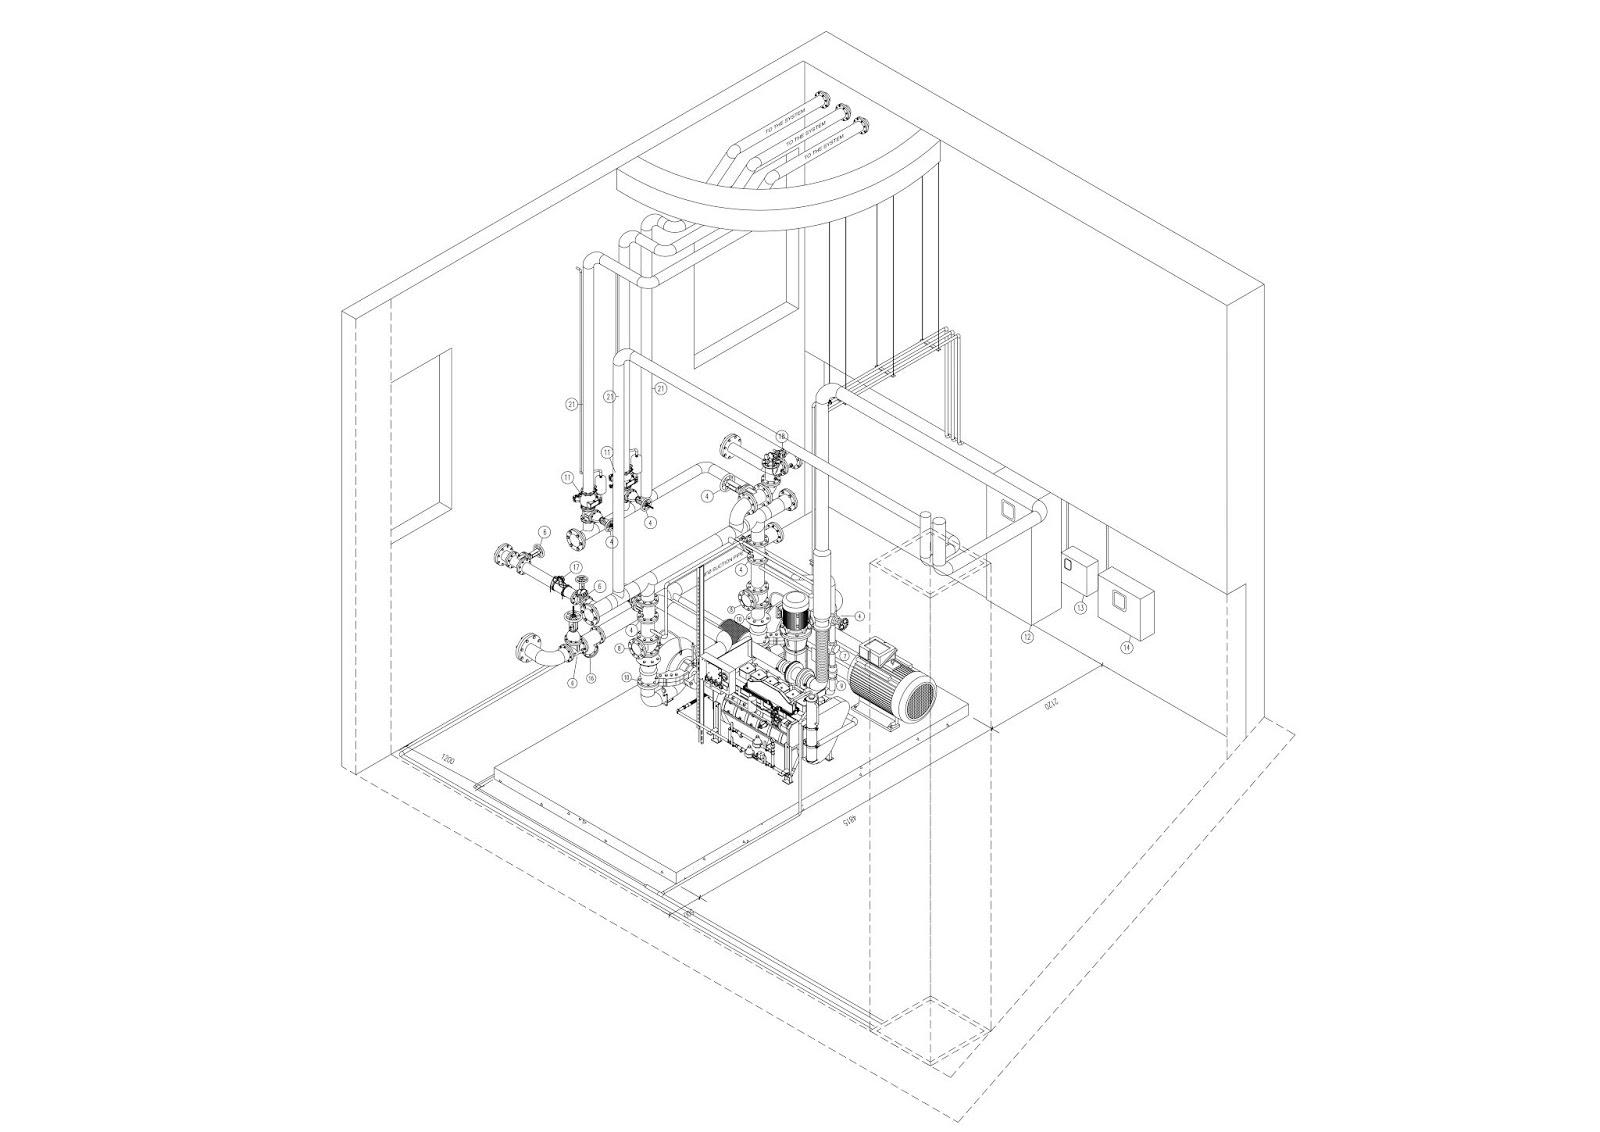 Fire Sprinkler Cad Files | Wiring Diagram Database